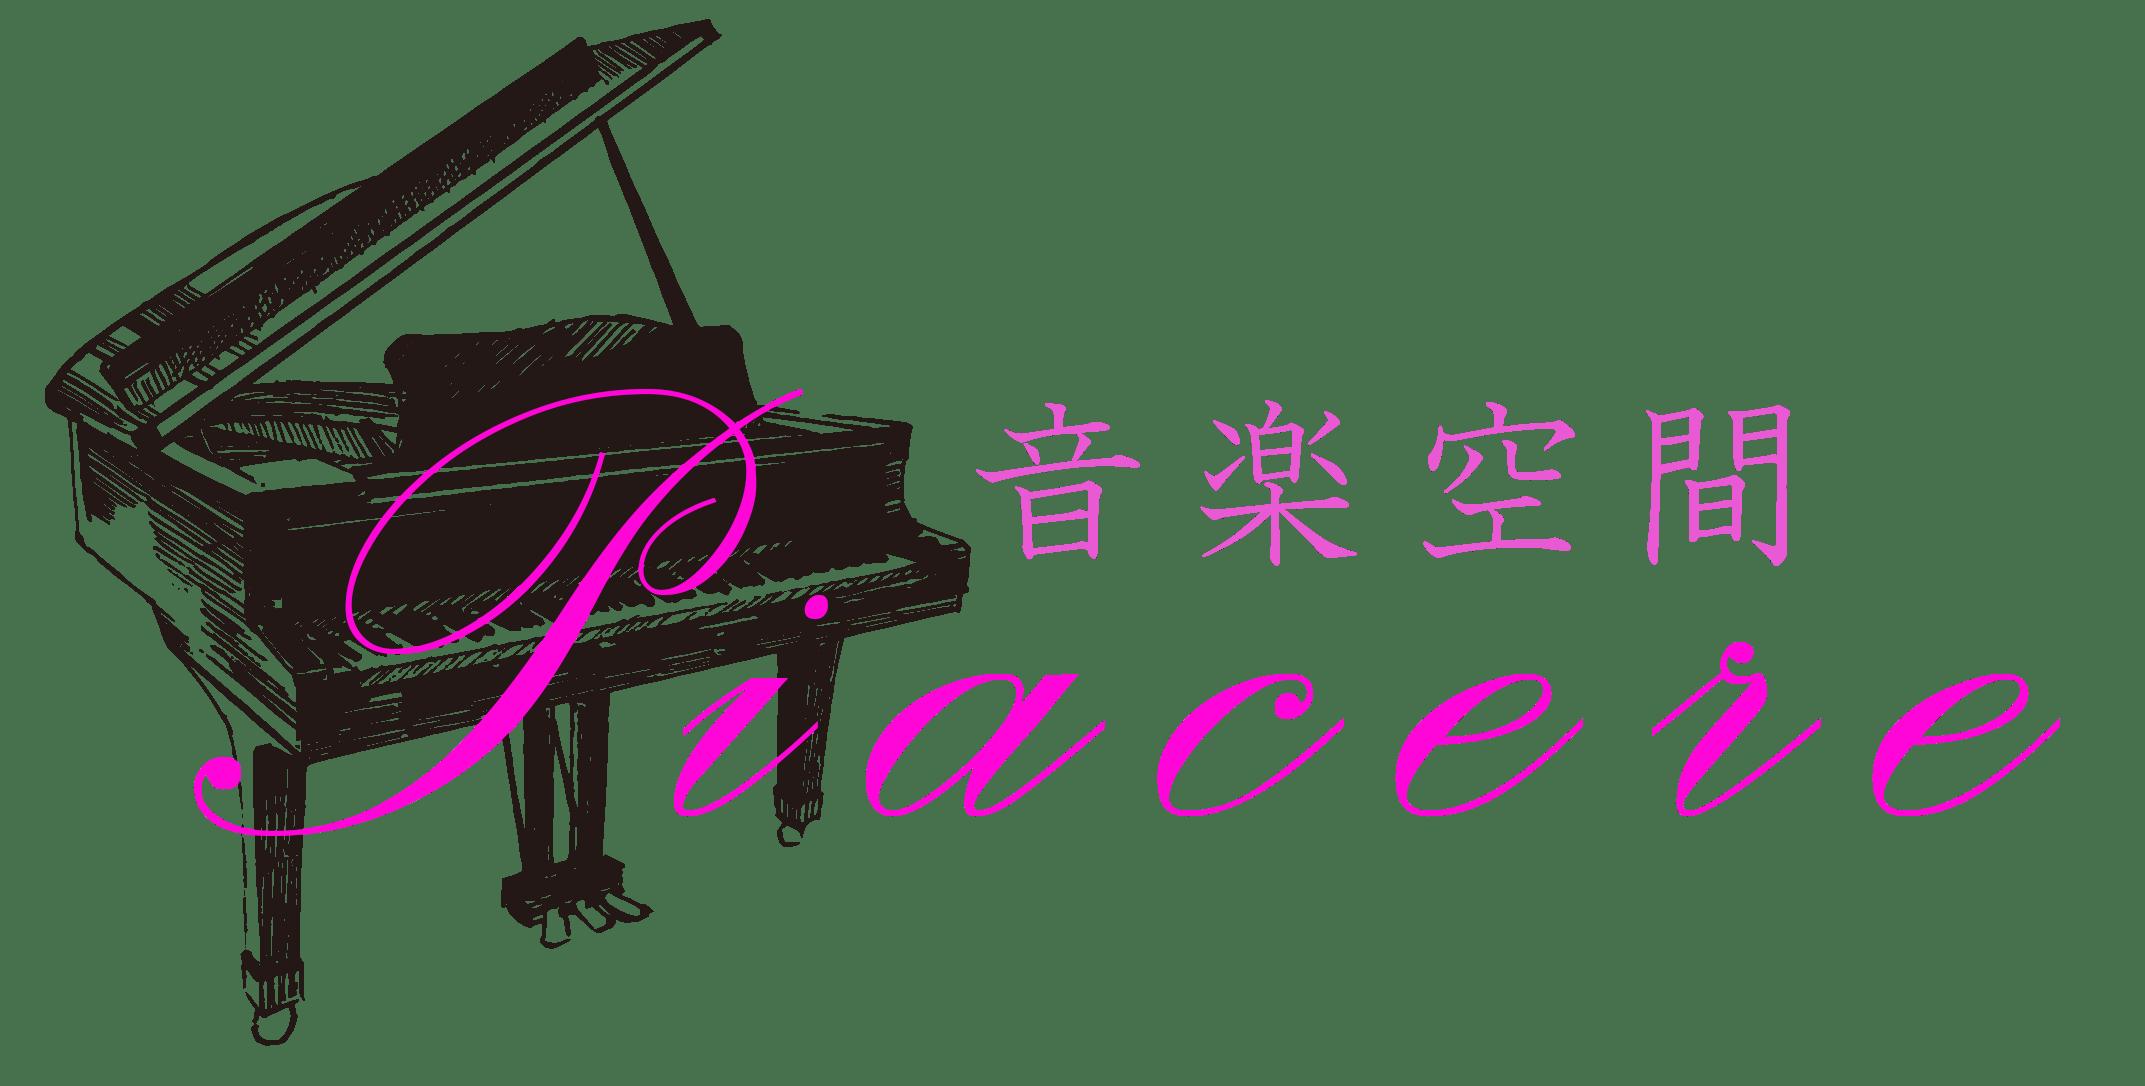 八王子市 音楽教室 音楽空間ピアチェーレ